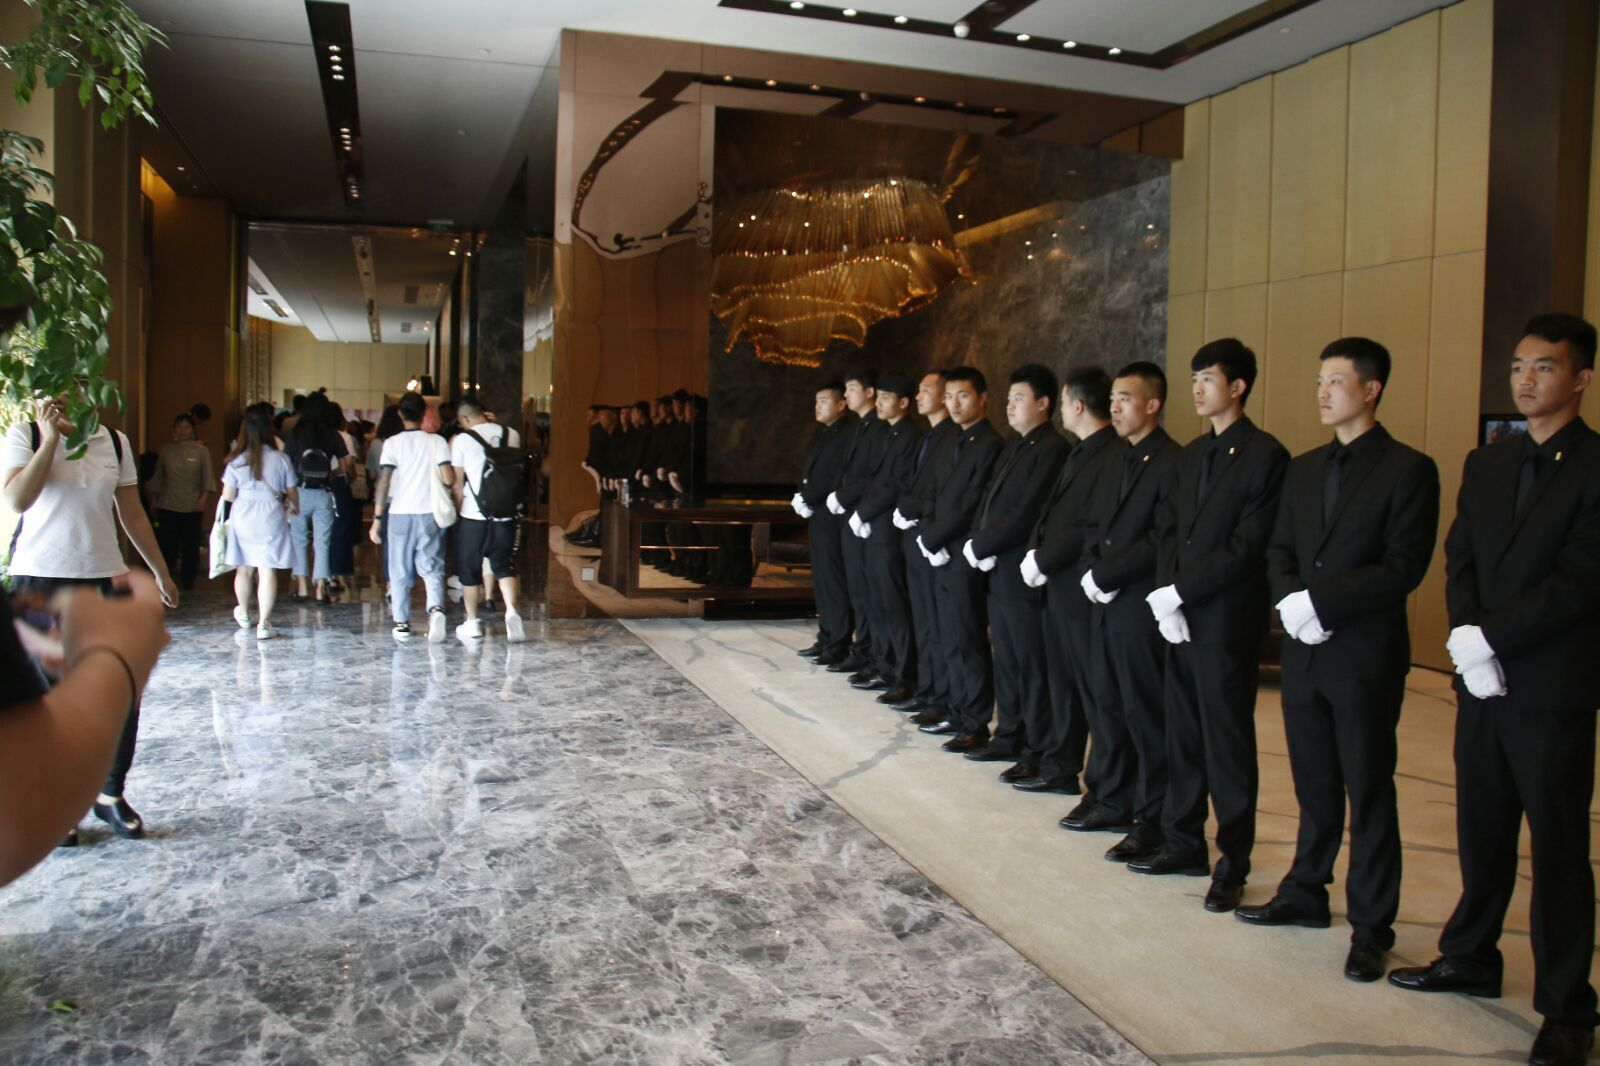 大會安排保安維持秩序。